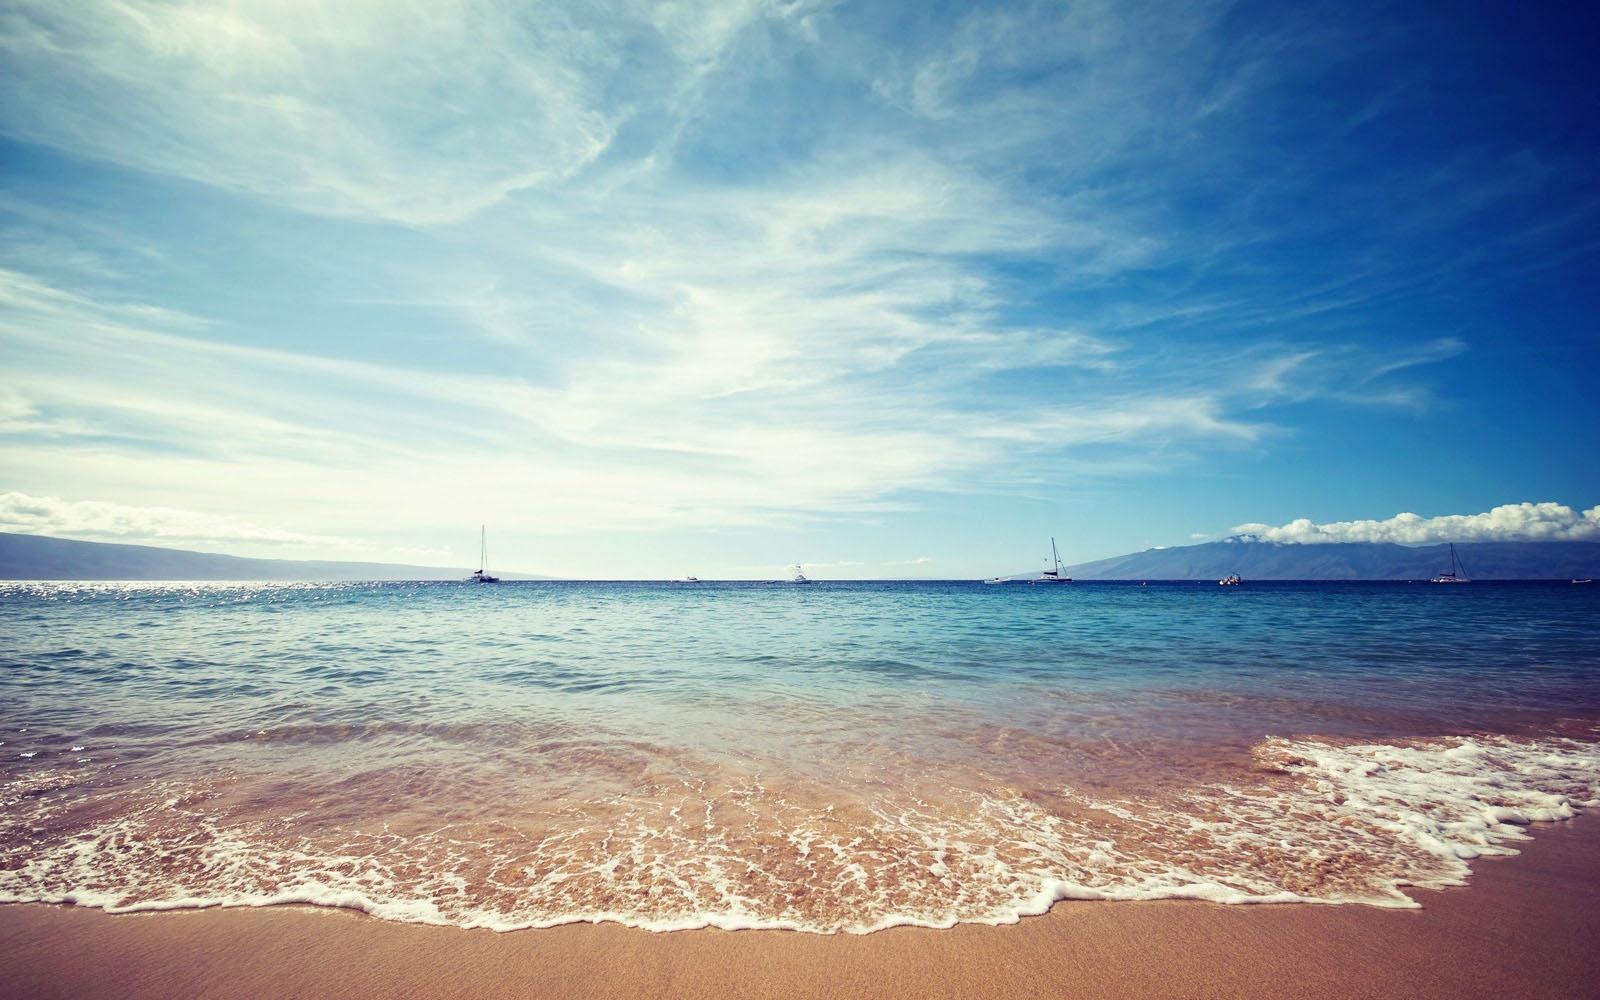 صور بحر خلفيات البحار والمياة بجودة HD (24)